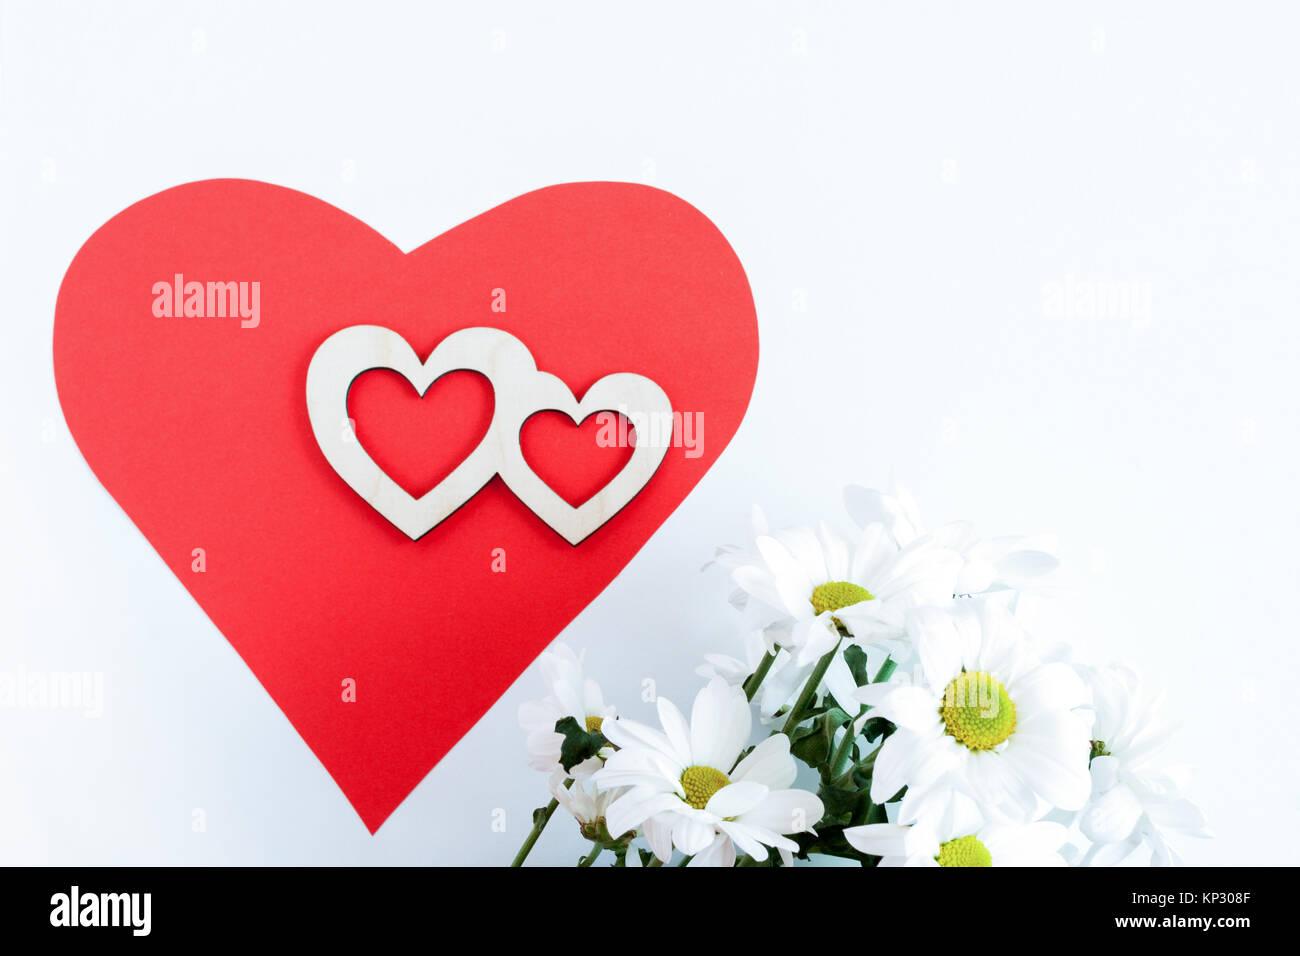 Gut gemocht Rotes Herz aus Papier, zwei geschnitzte hölzerne Herz auf es und HJ42